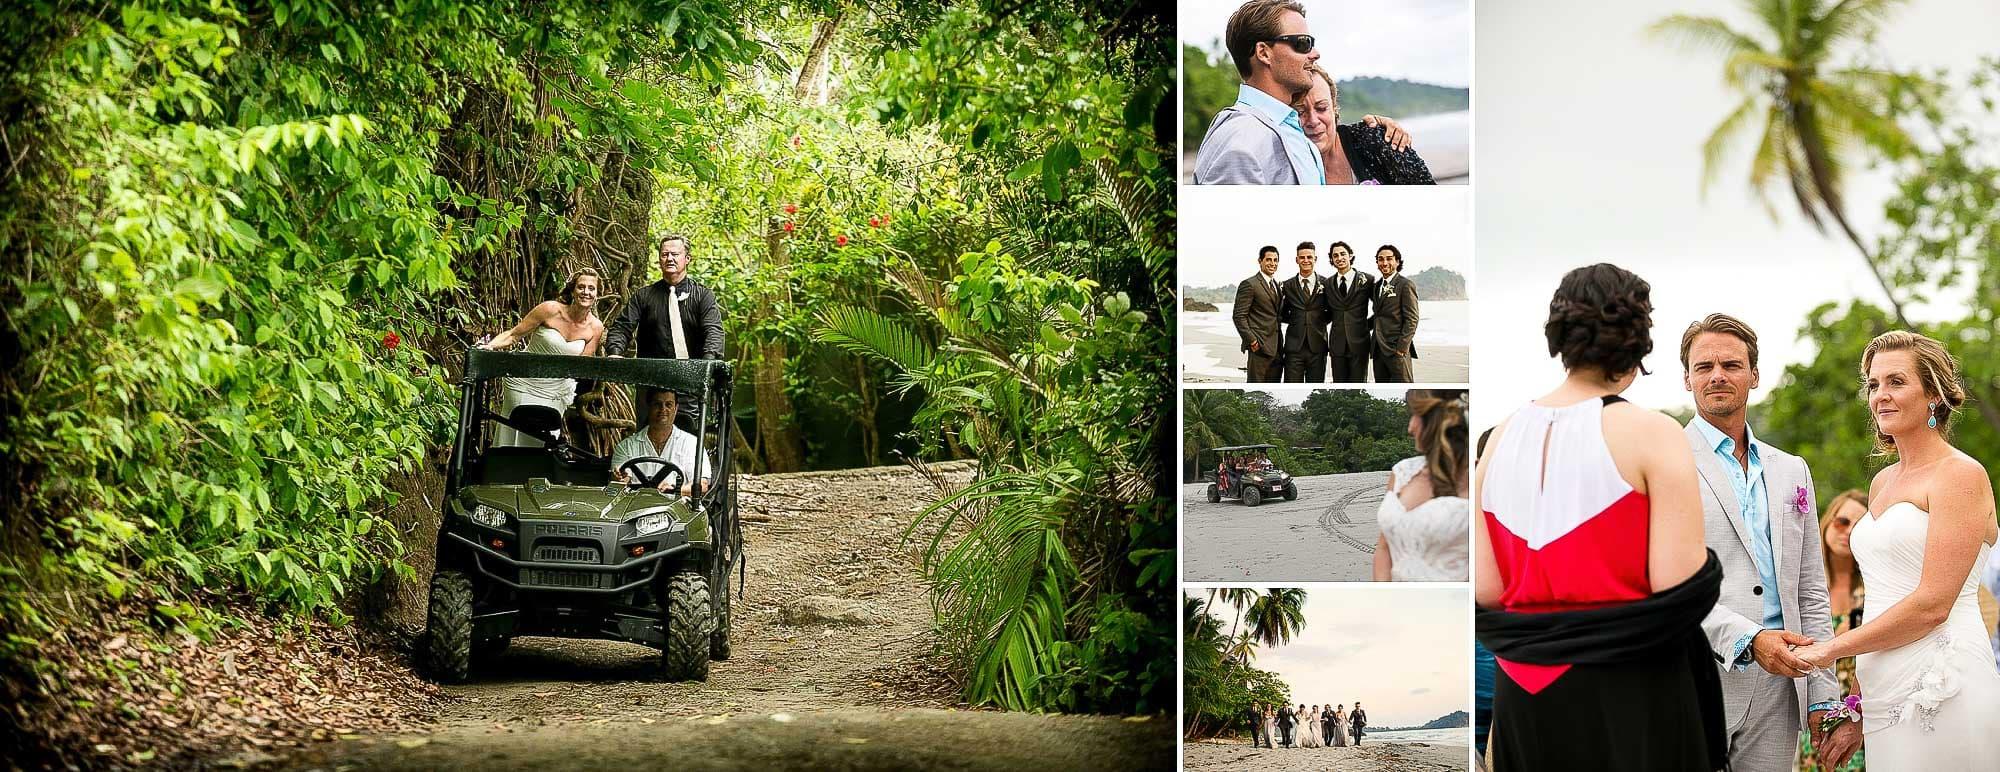 Weddings in Costa Rica: Polaris in Punto de Vista